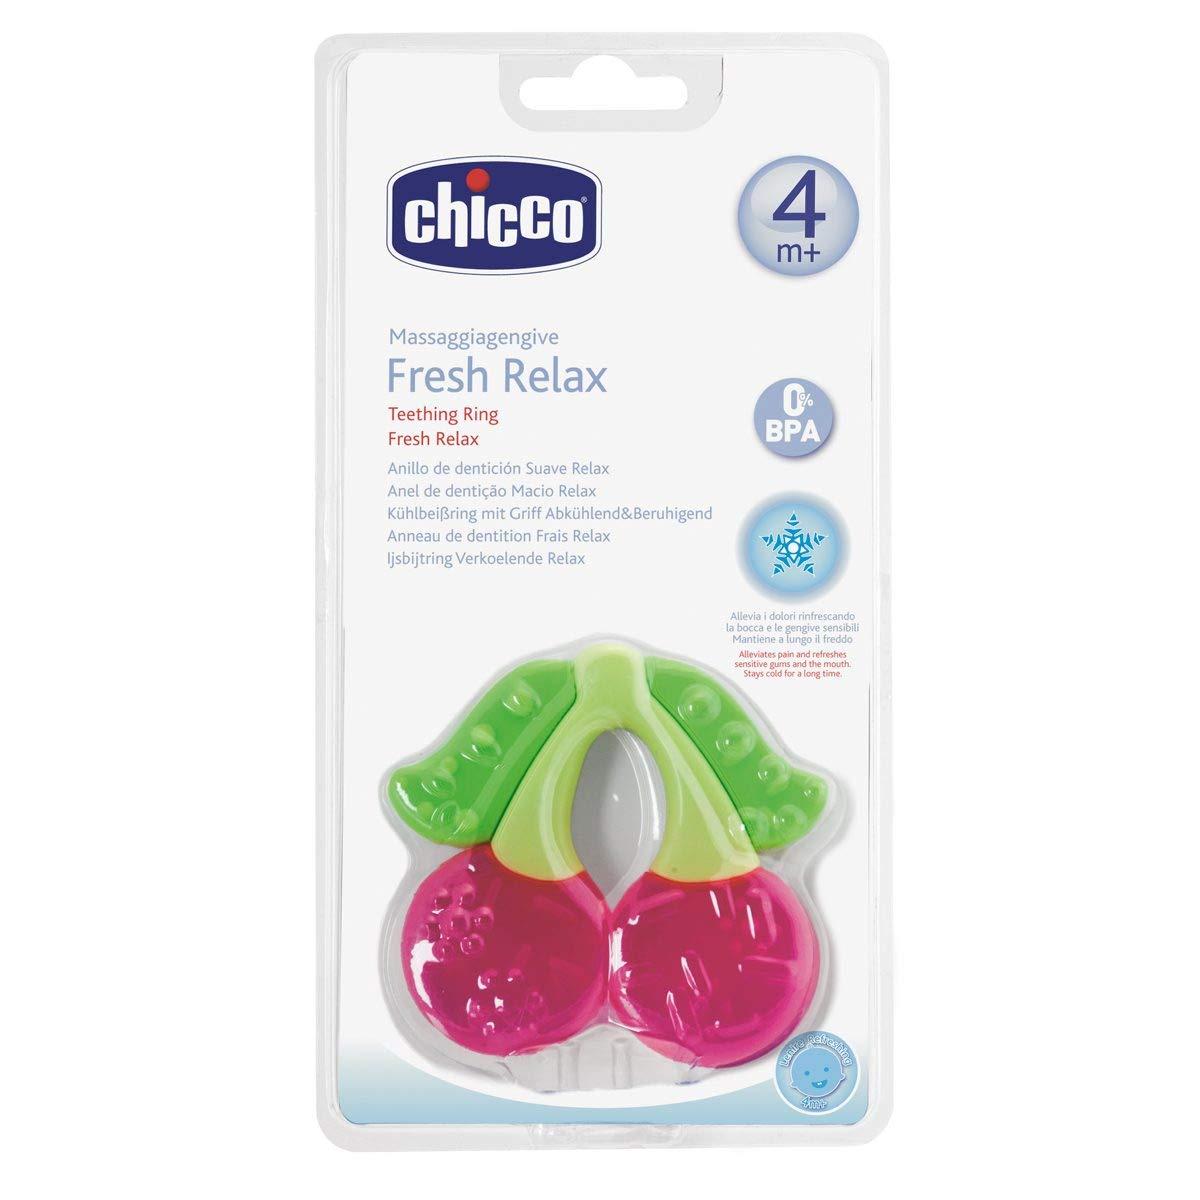 Chicco Fresh Relax - Mordedor de dentición, diseño cereza, 4 m+, 1 unidad